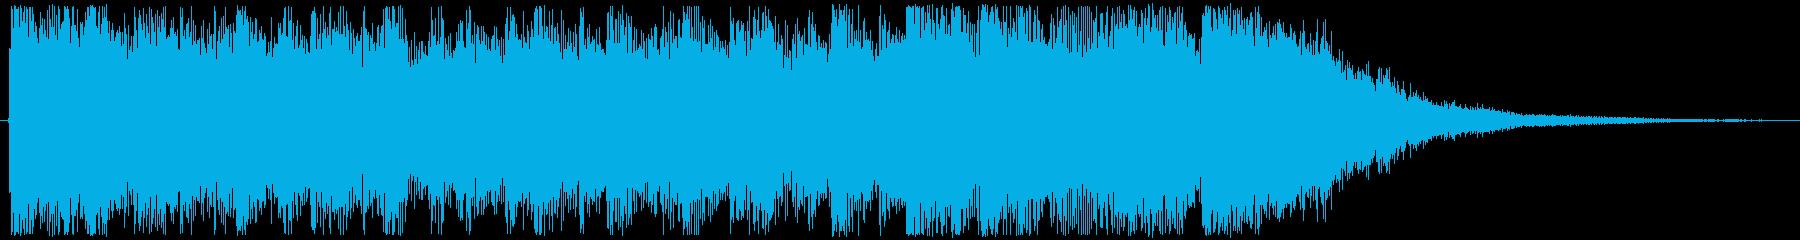 映像・ジングル・楽しいファンクの再生済みの波形